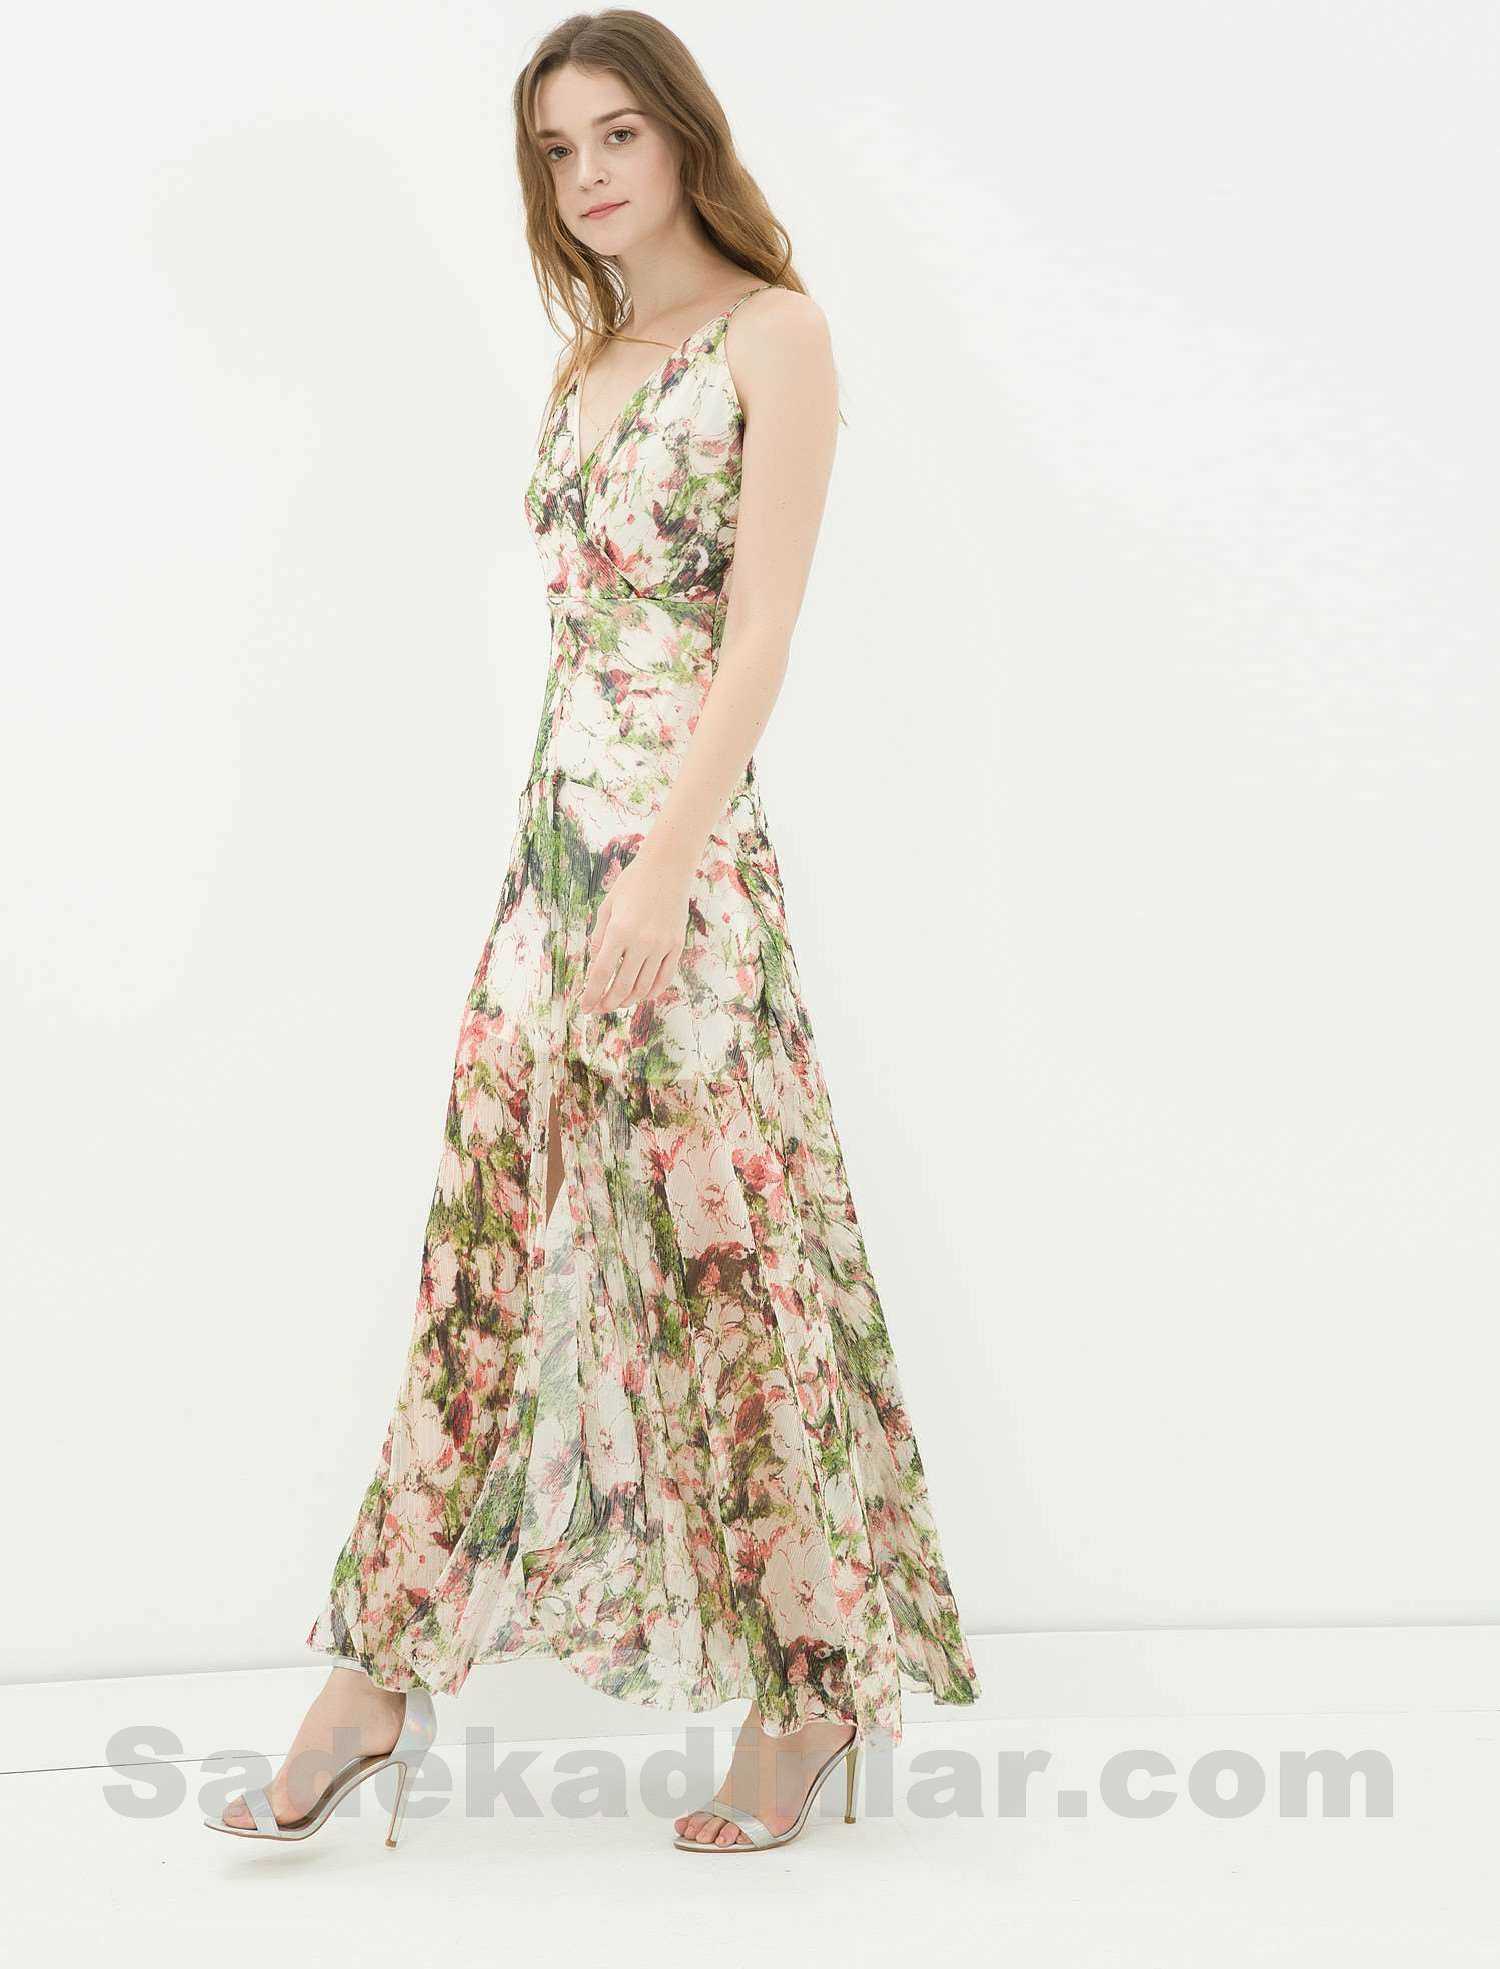 44810660cea17 Koton Elbise - V Yakalı Çiçek Desenli Uzun Elbise Modelleri ...